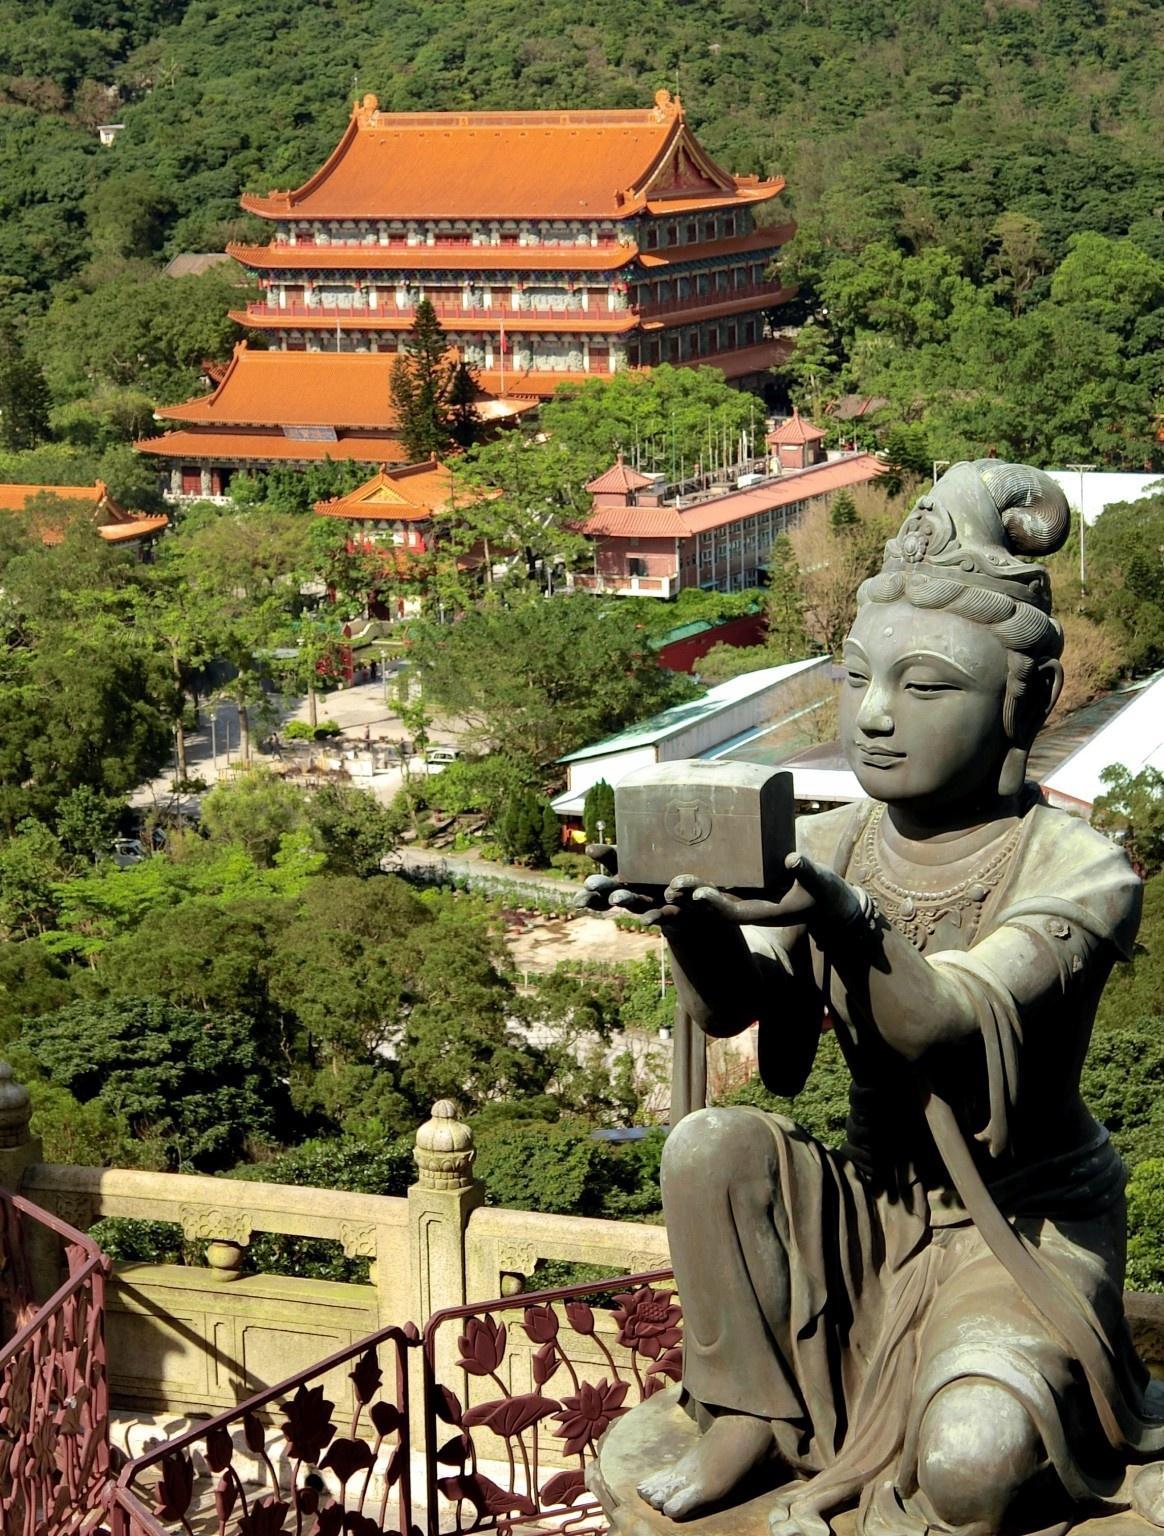 Po Lin Monastery by pop88123